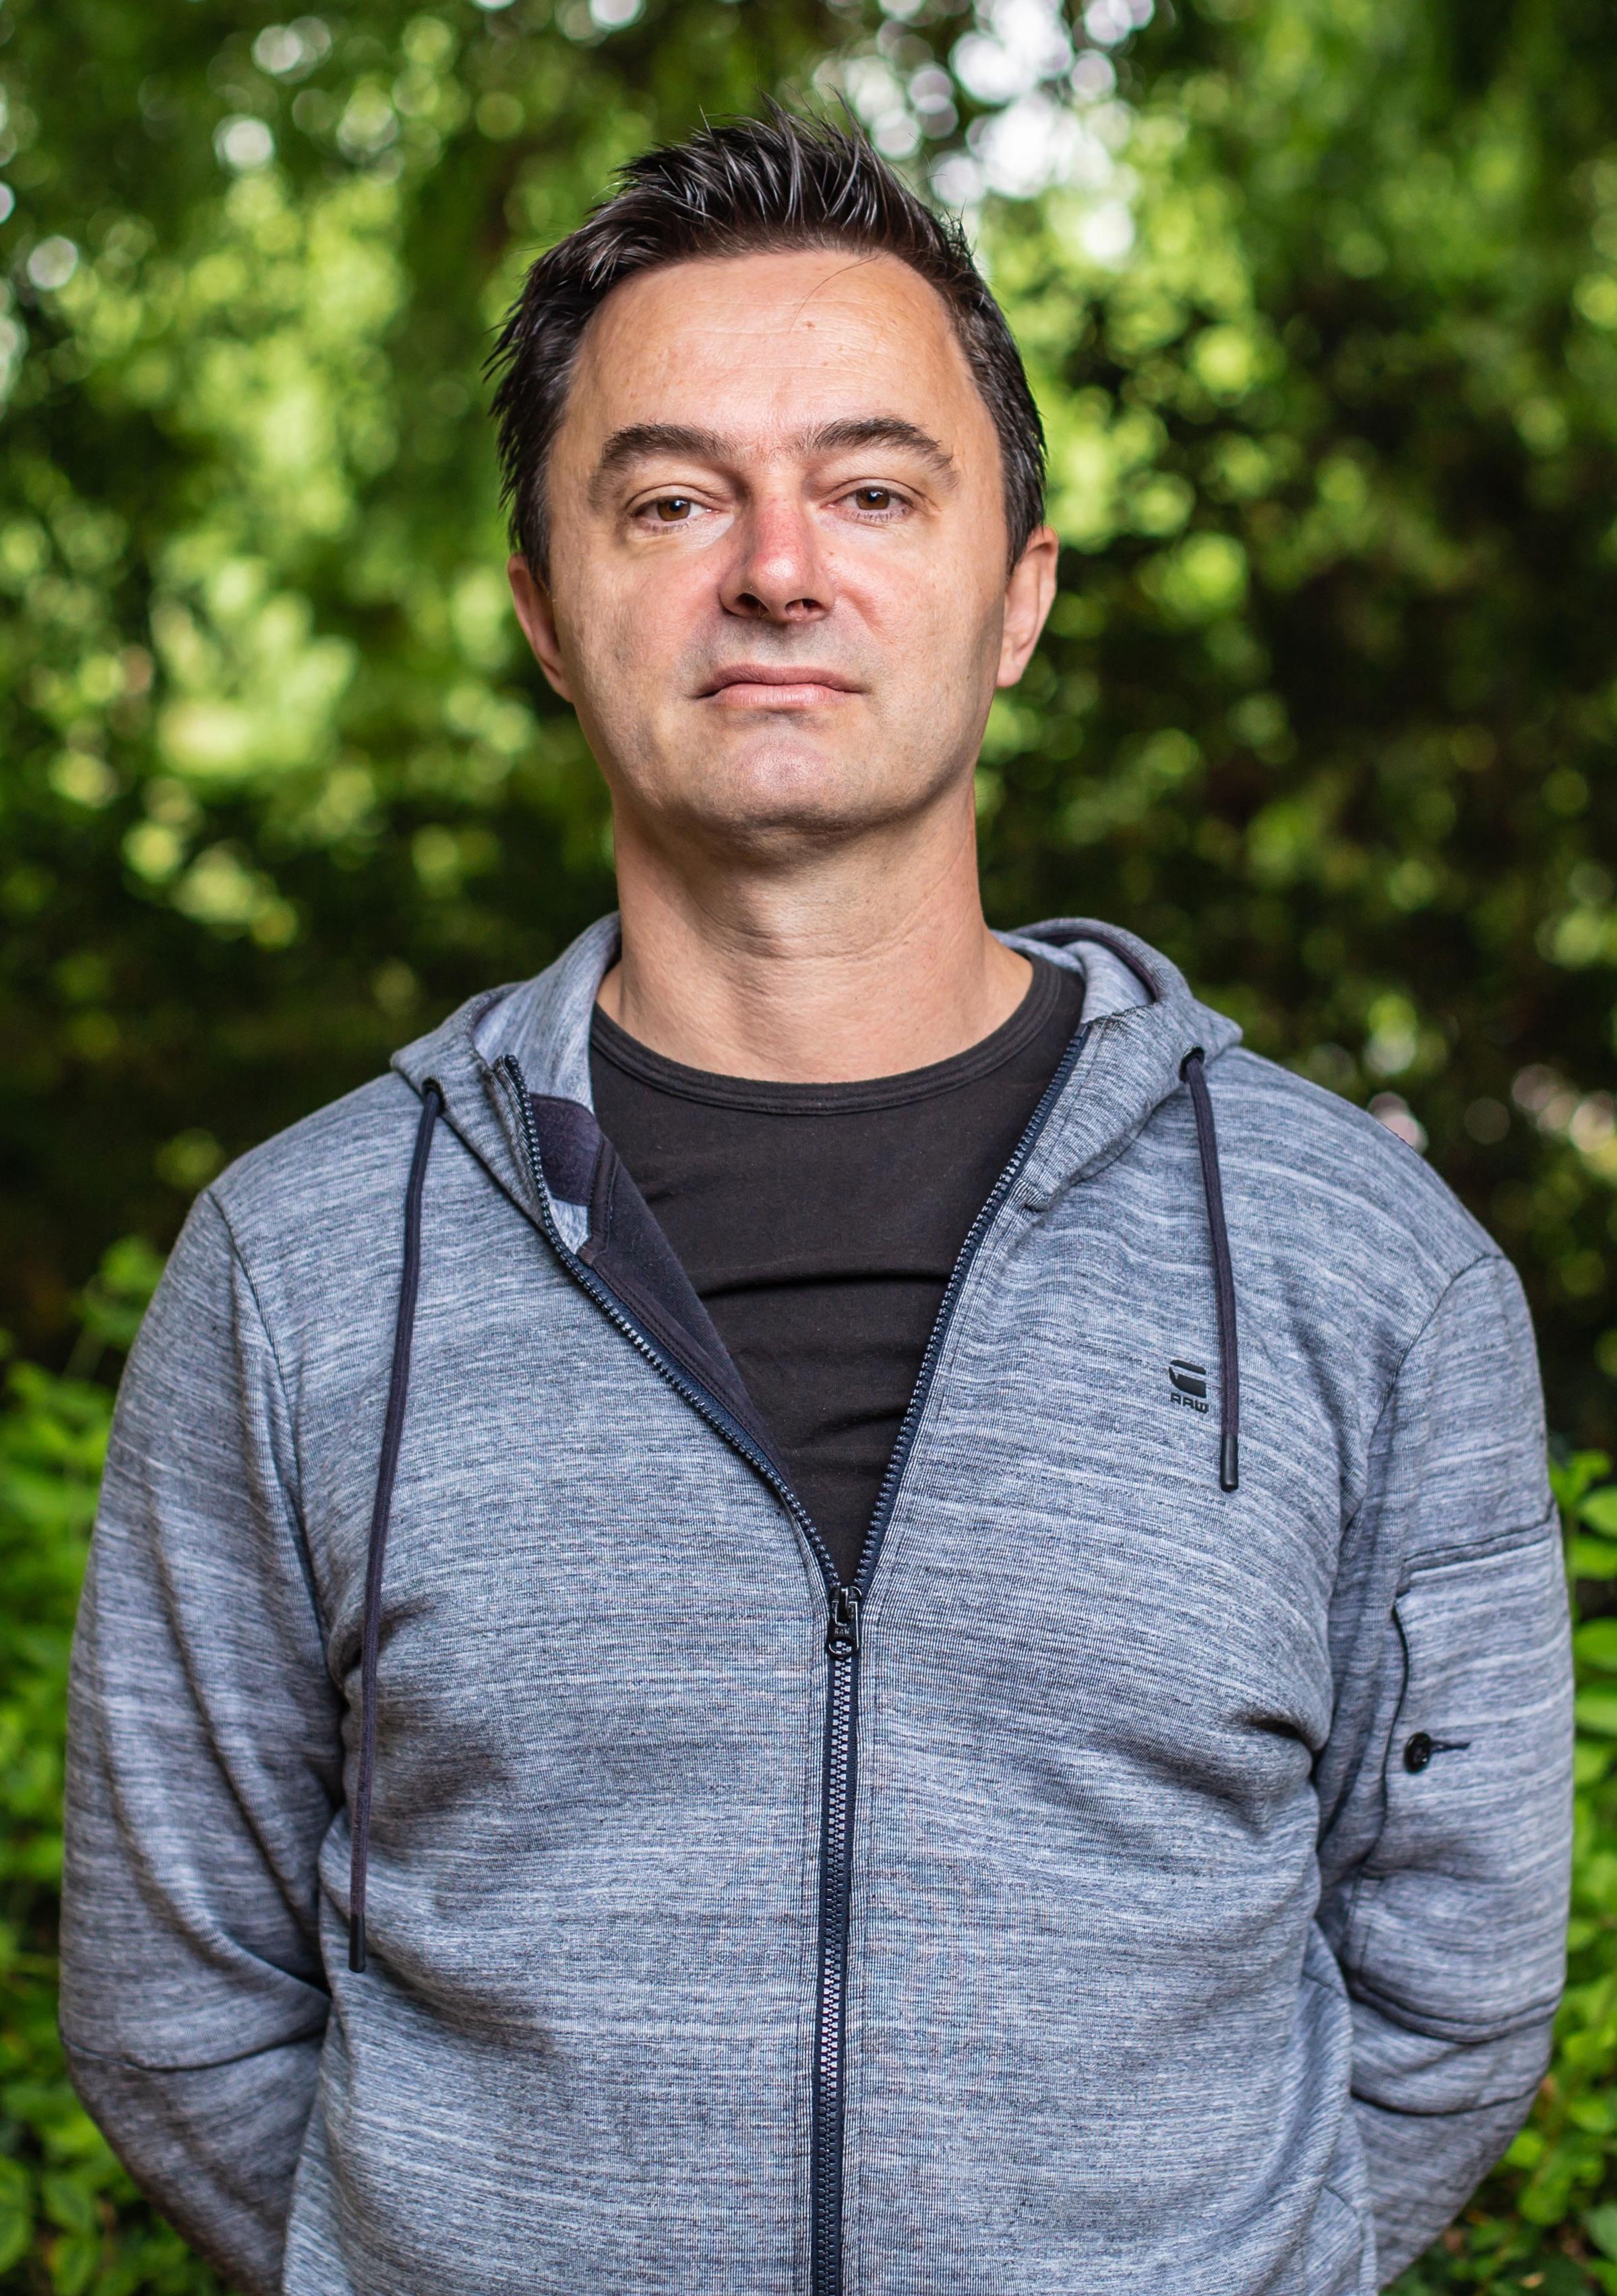 Dr. Boris Dewitte